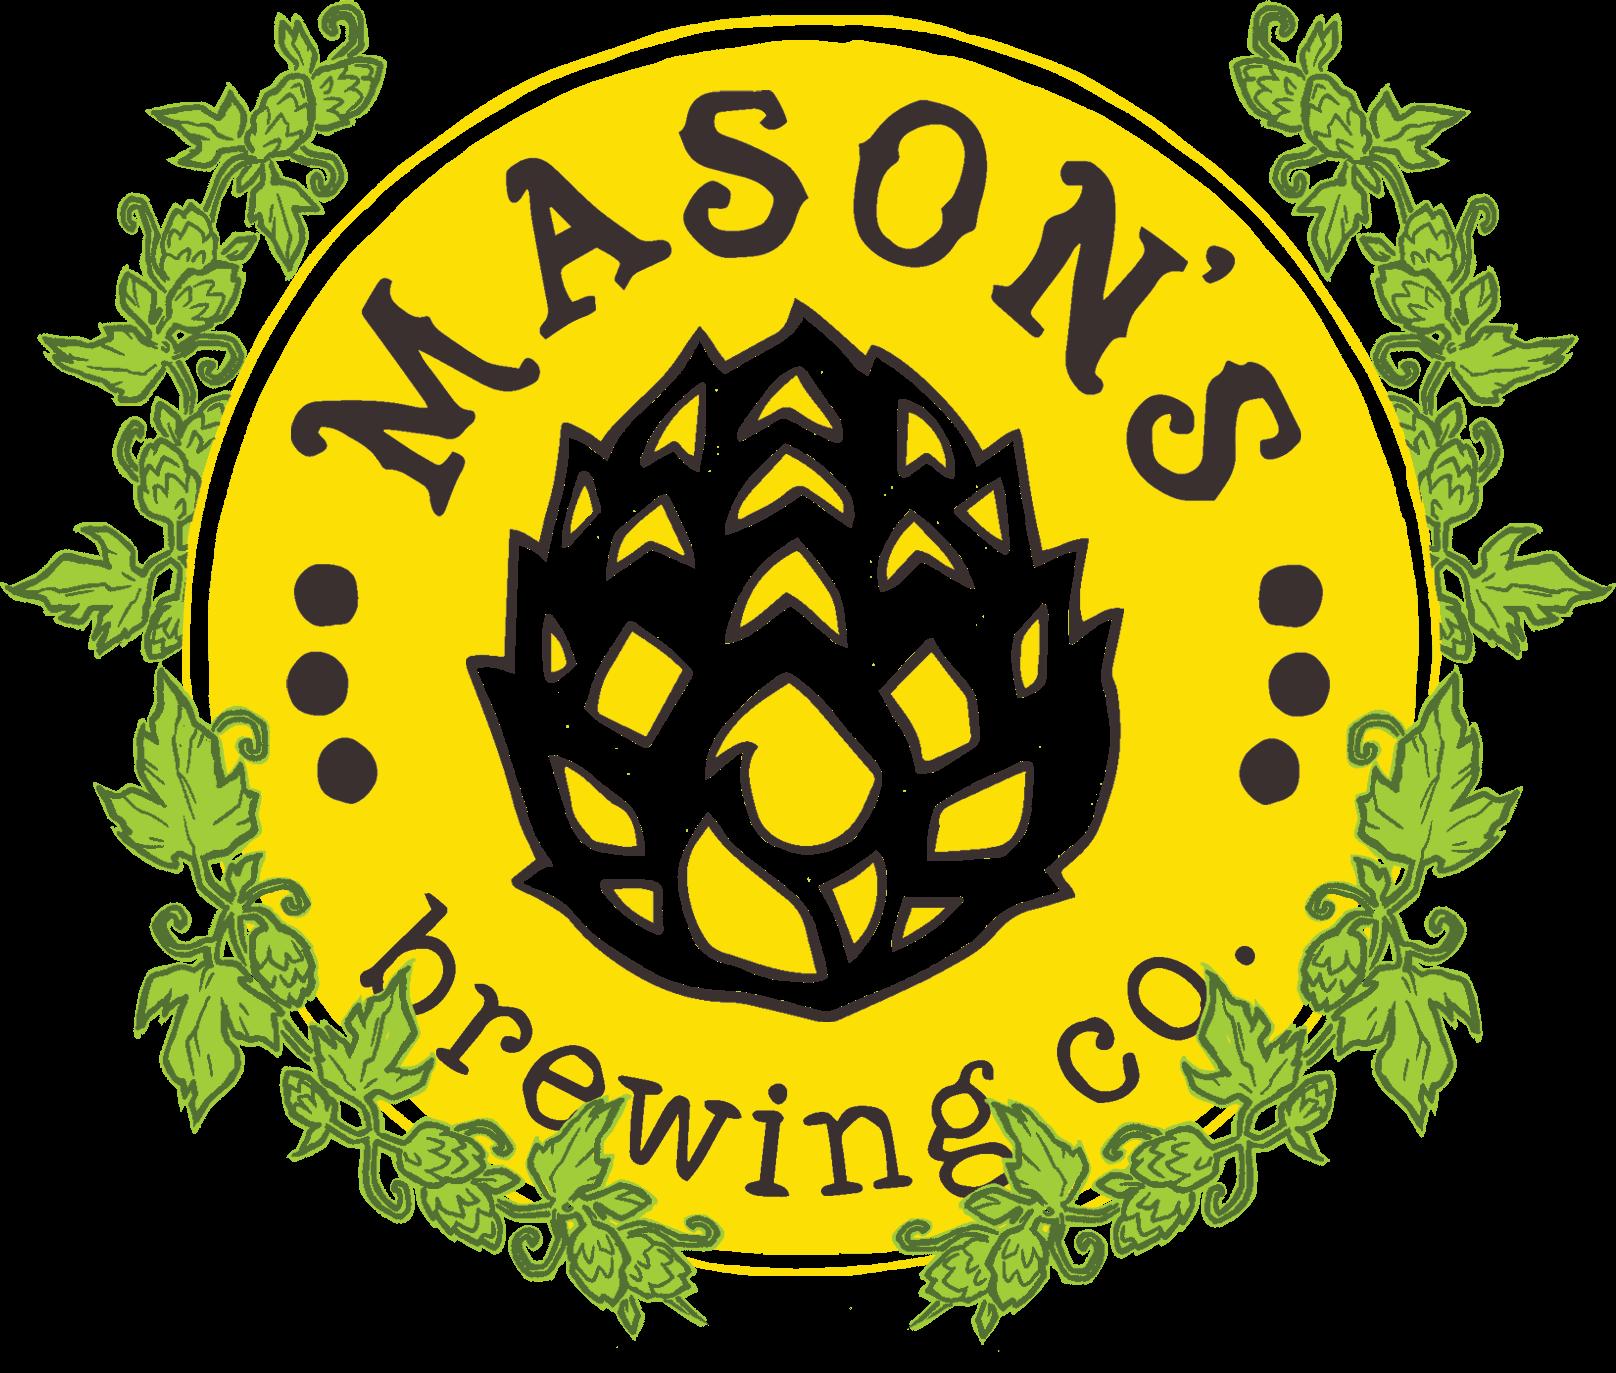 https://masonsbrewingcompany.com/wp-content/uploads/2017/12/masons-yellow-logo-193586.png